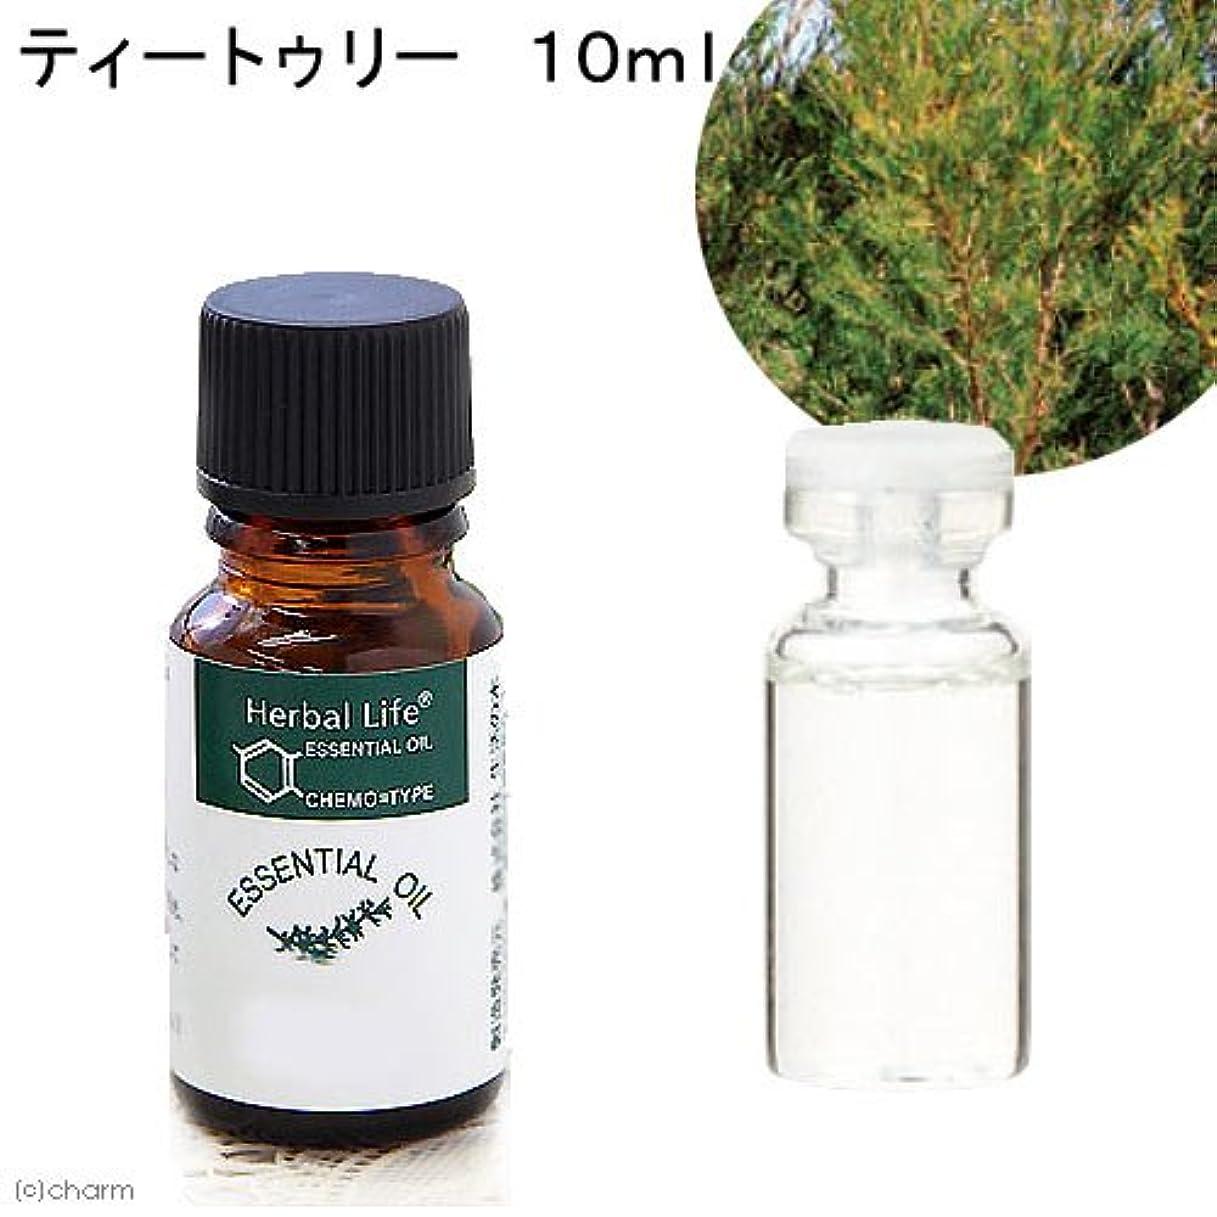 過度のバンカー茎生活の木 エッセンシャルオイル ティートゥリー 10ml